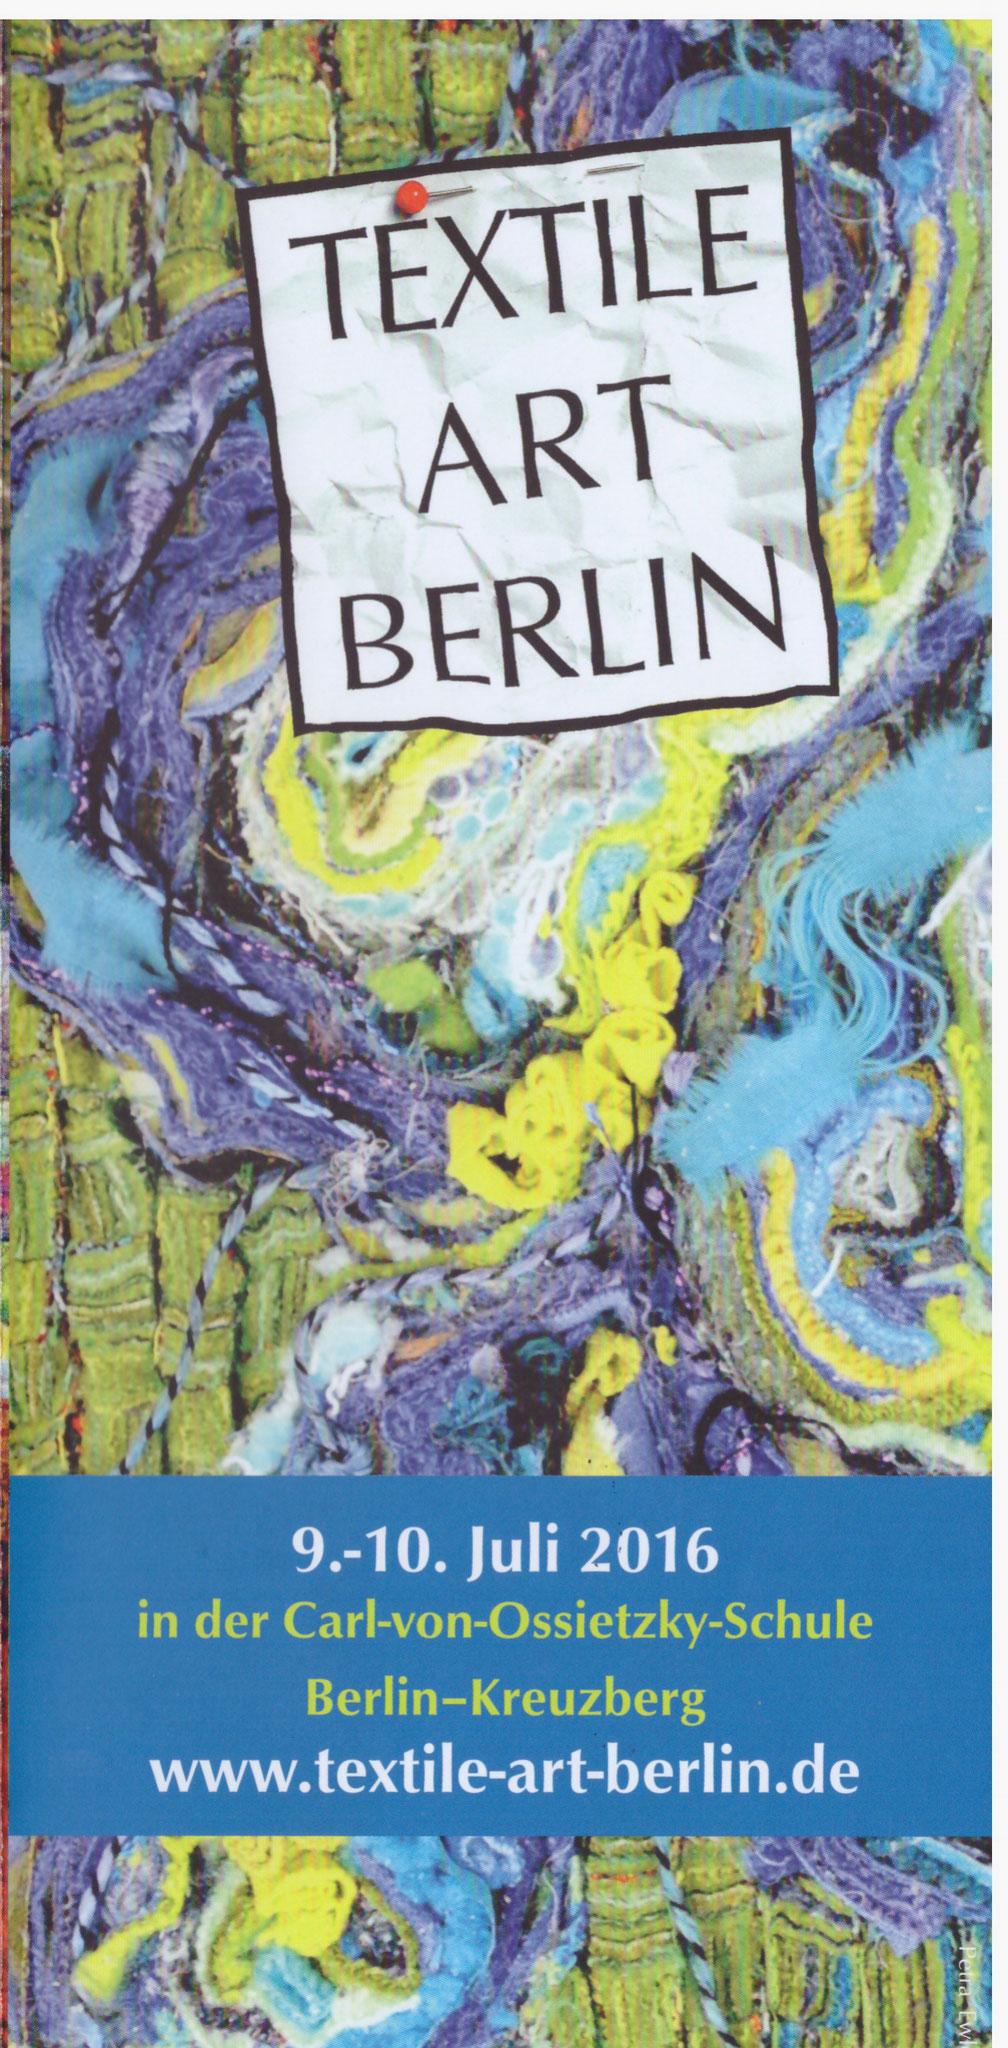 Textile Art Berlin, 2016